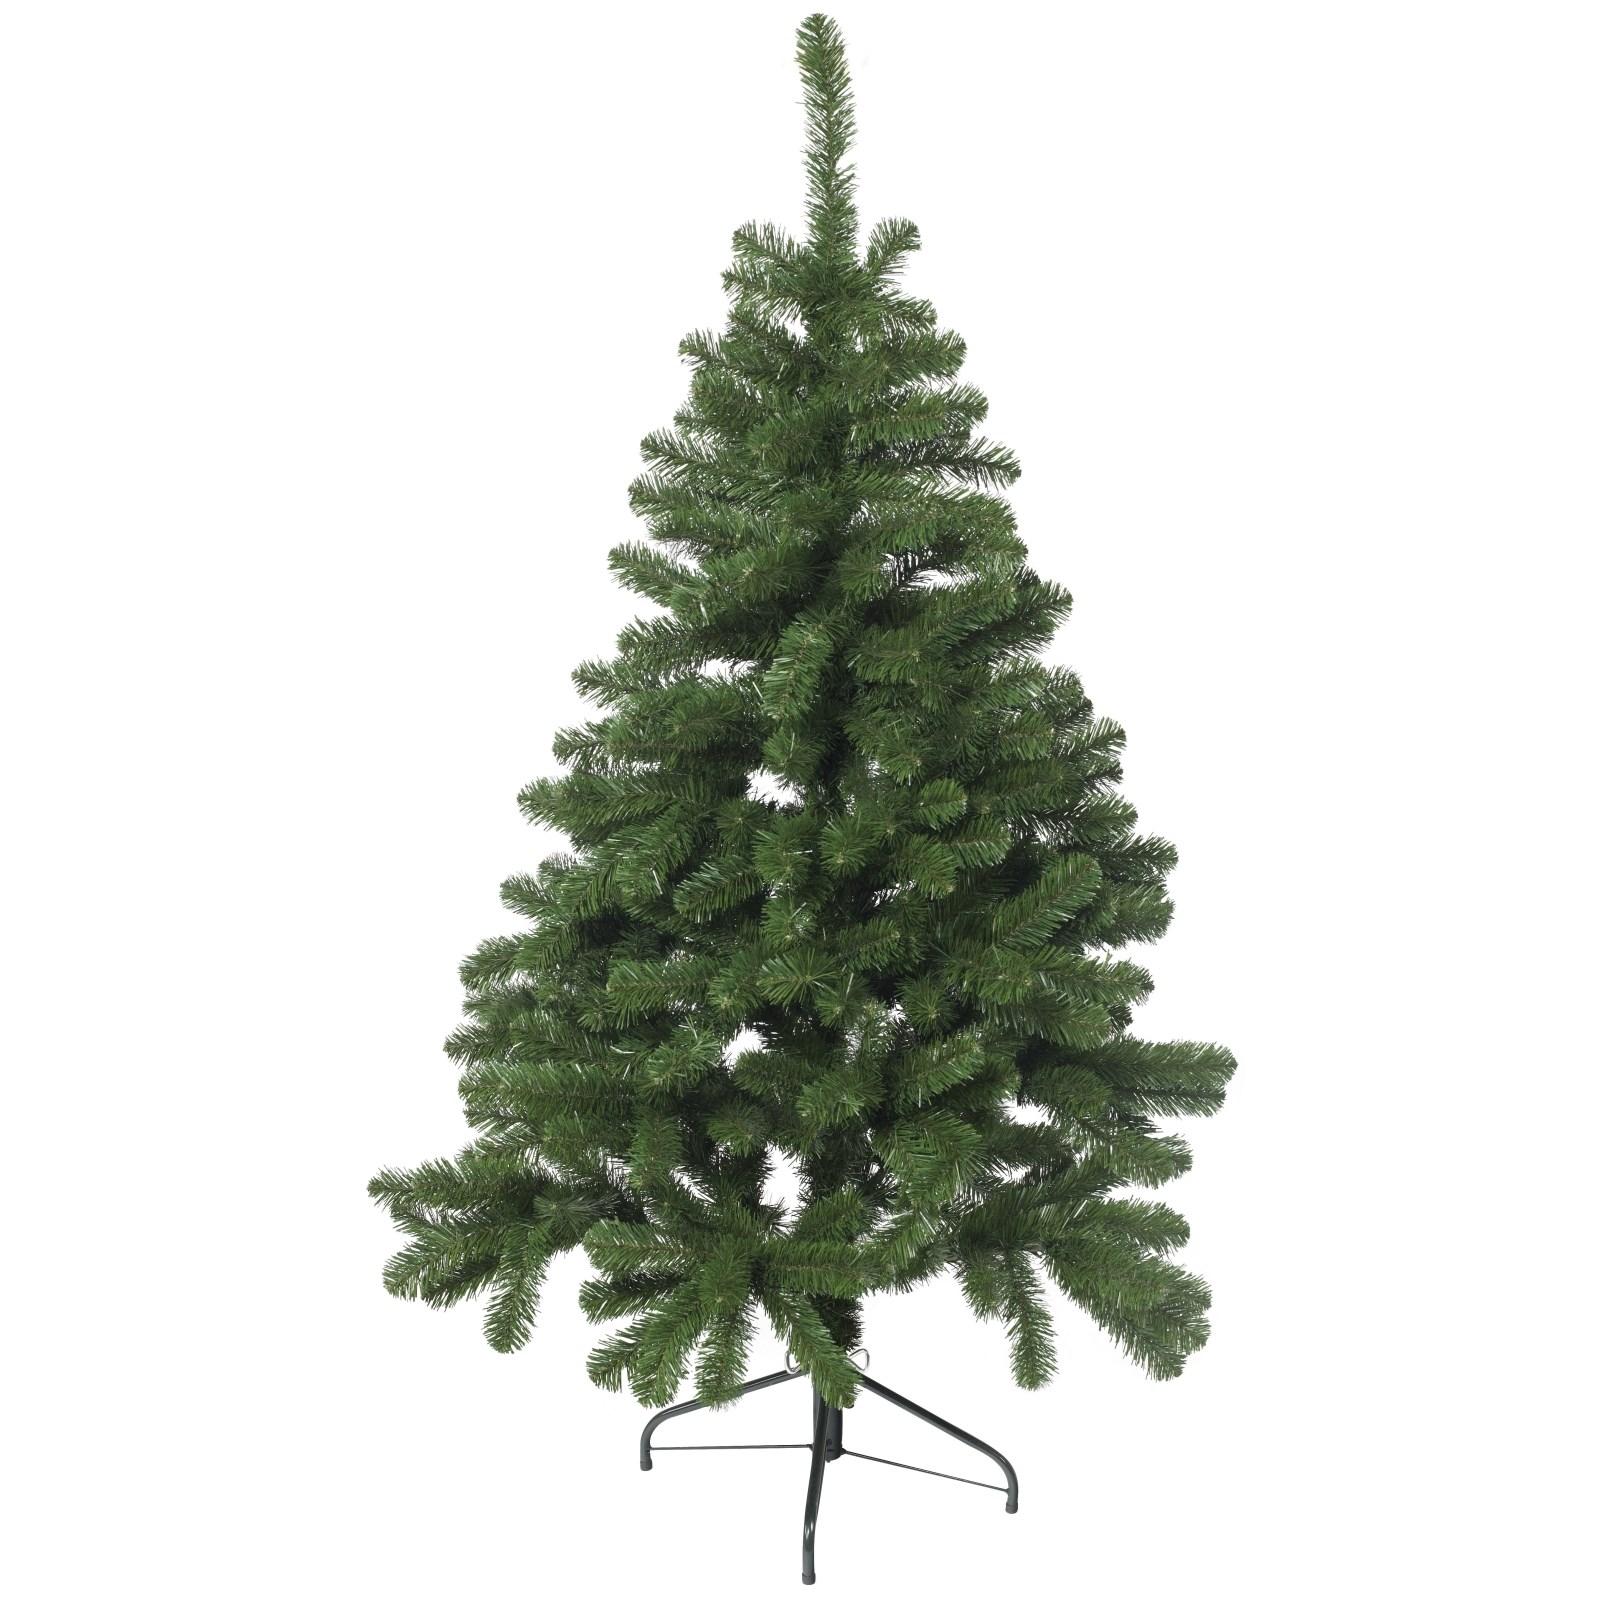 Künstliche Tannenbaum.Tannenbaum Pvc 180cm Künstliche Pflanzen Landi